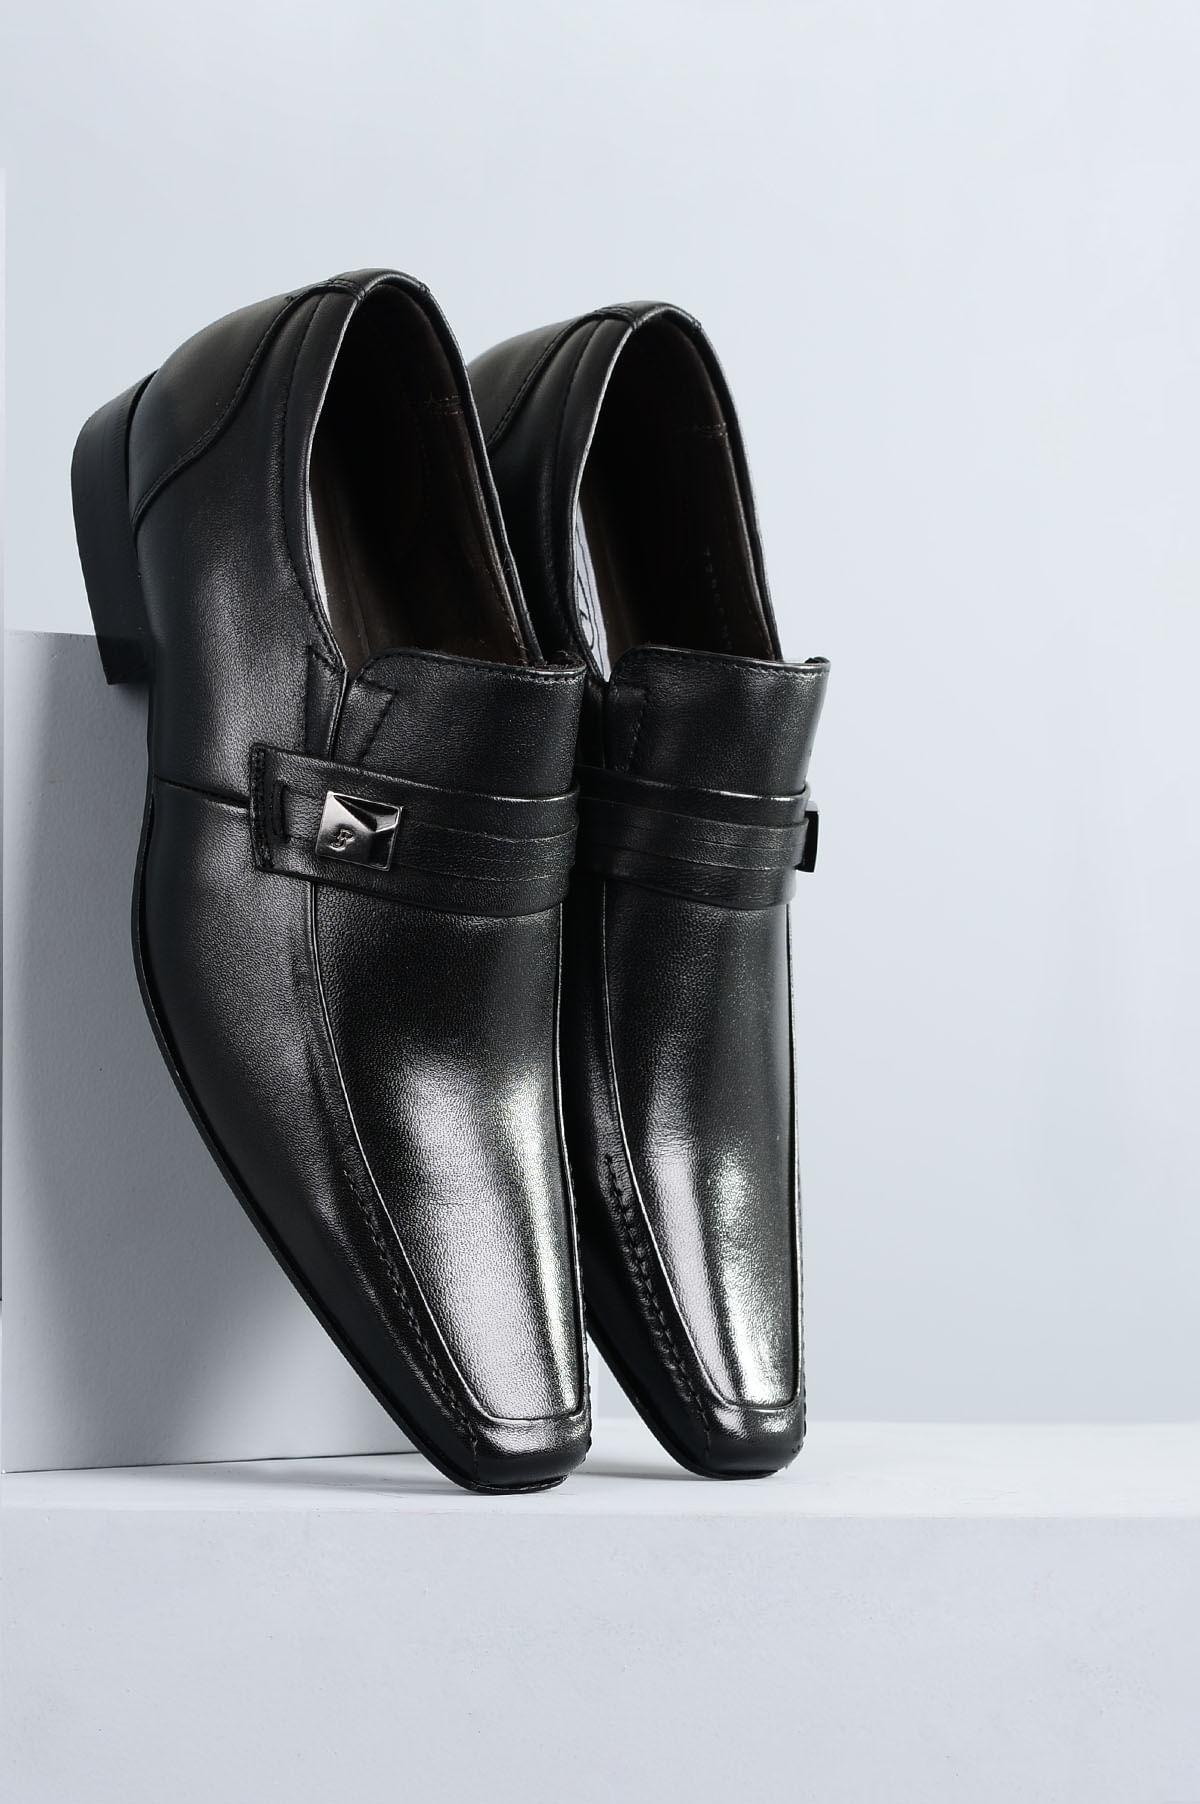 0292d477e Sapato Masculino Jota Pe Berlin CR-PRETO - Mundial Calçados